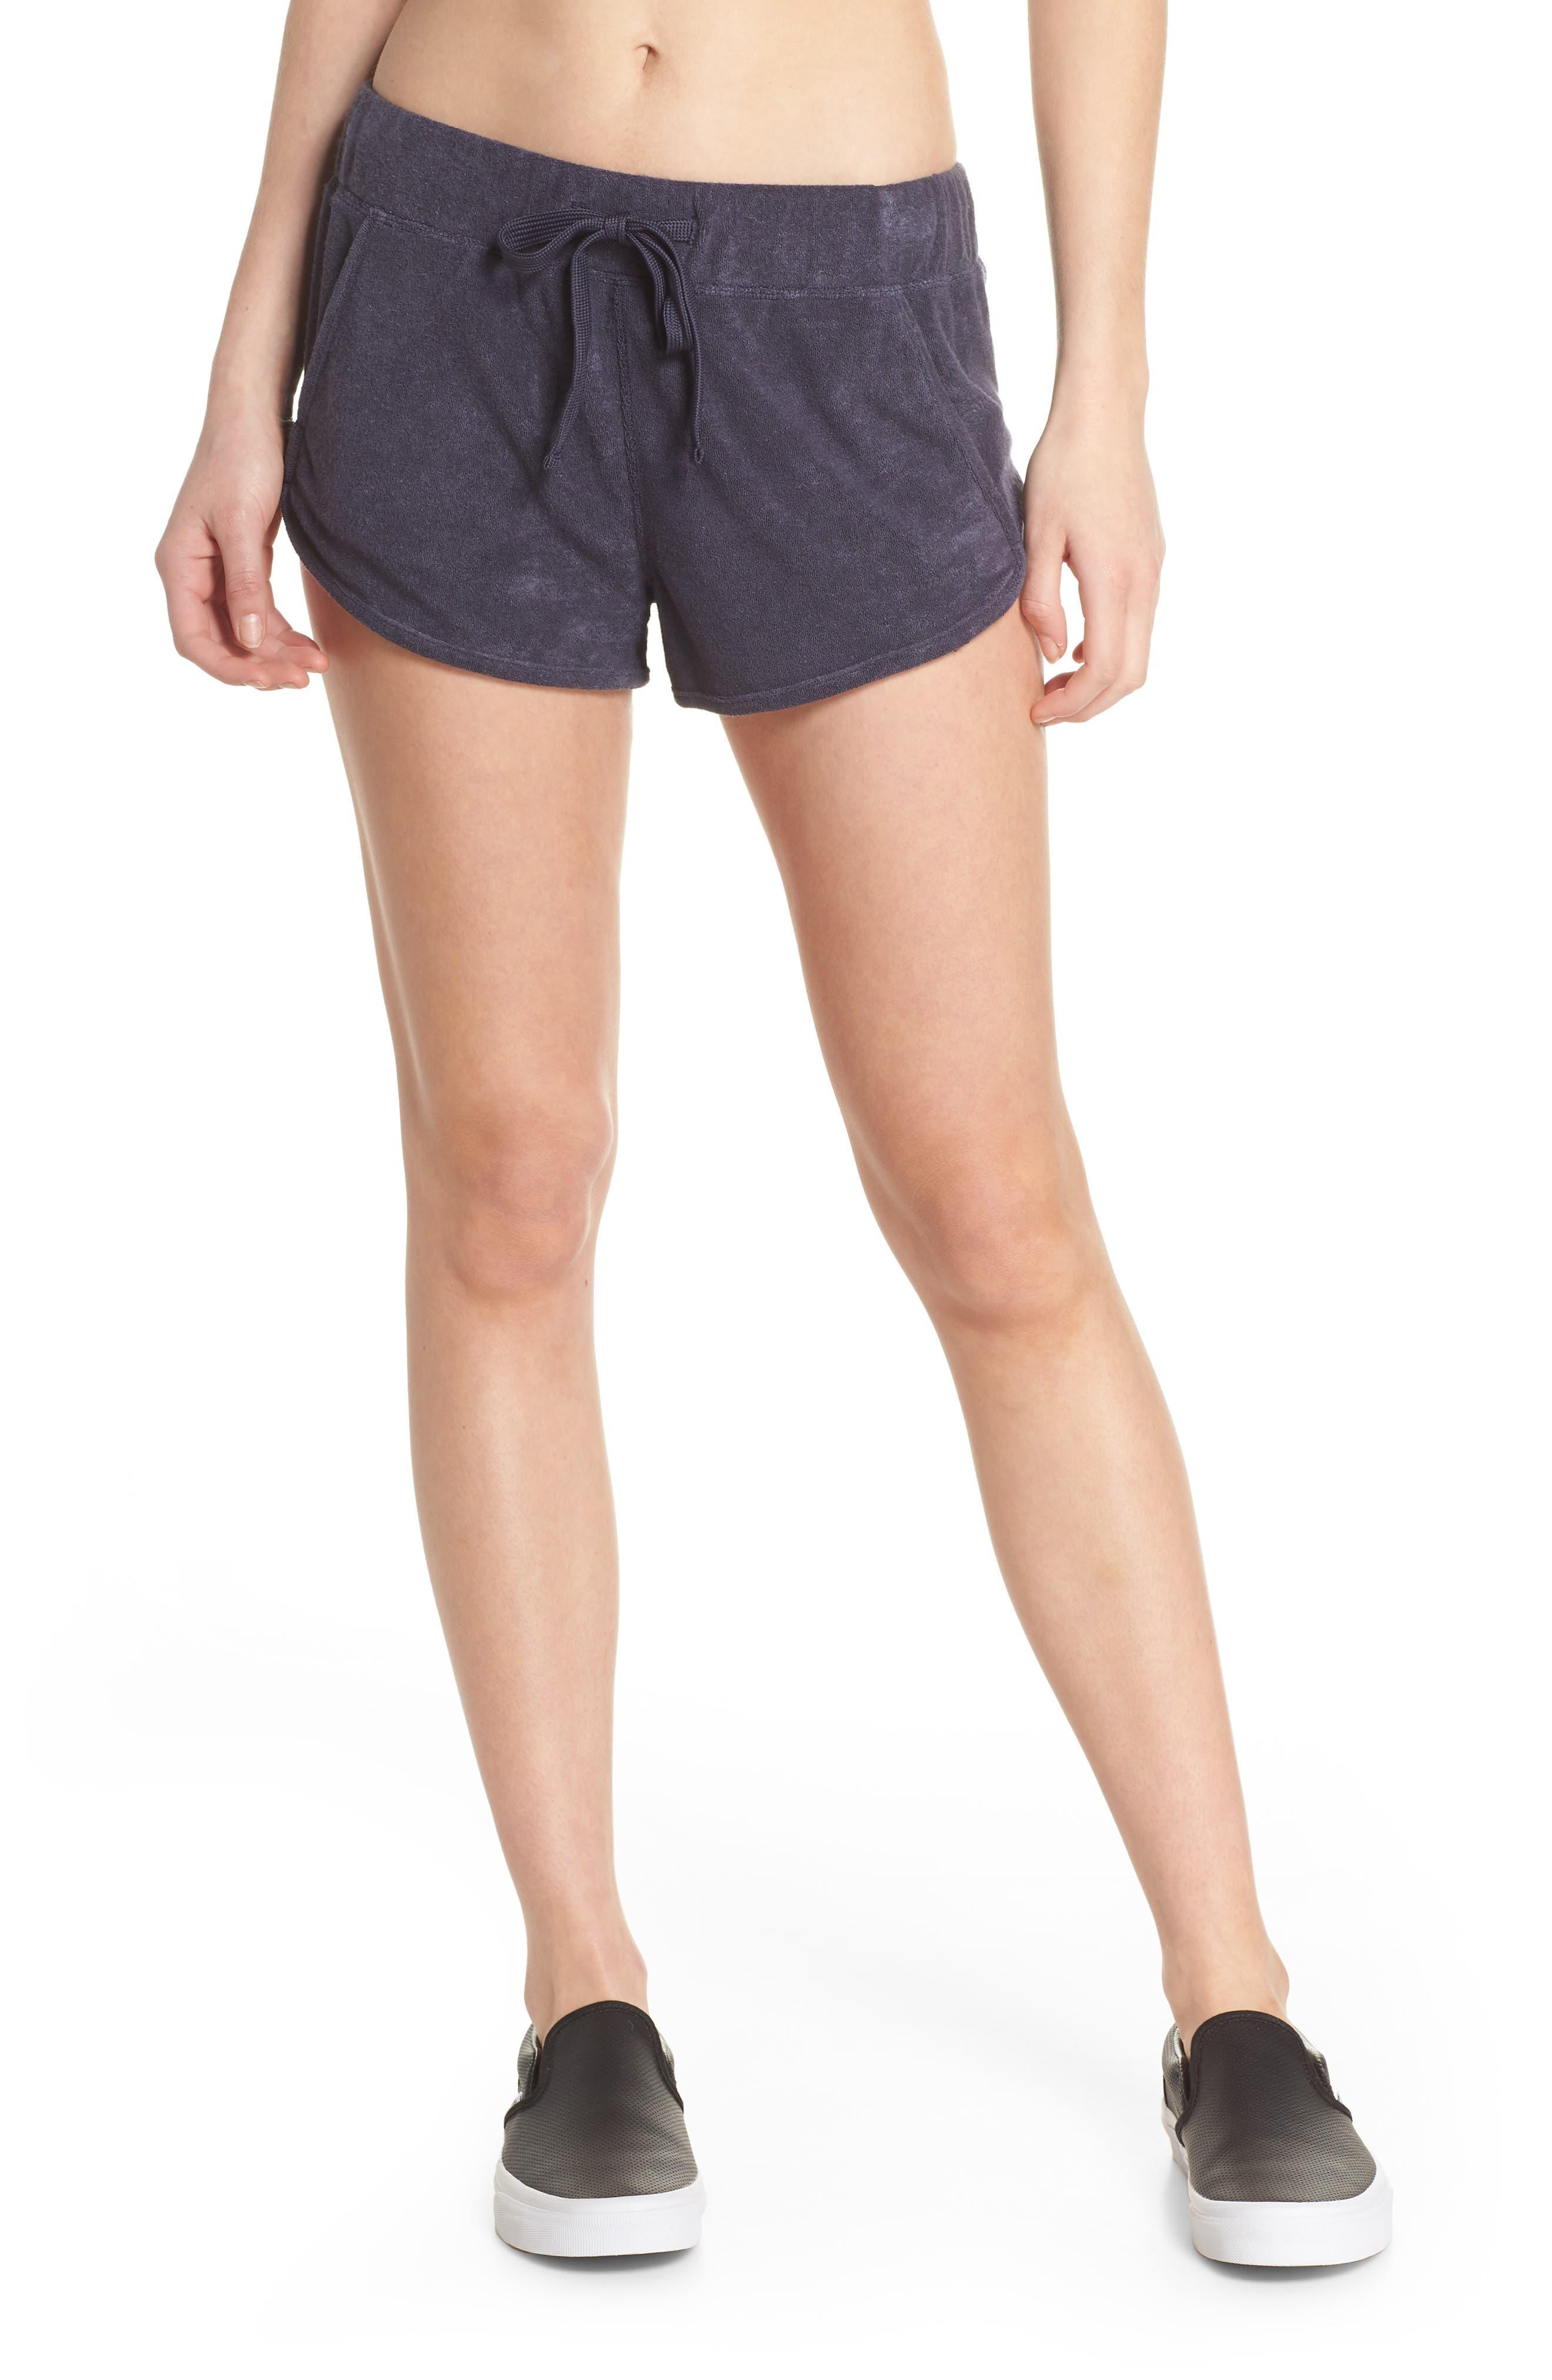 Spa Shorts,                         Main,                         color, 021